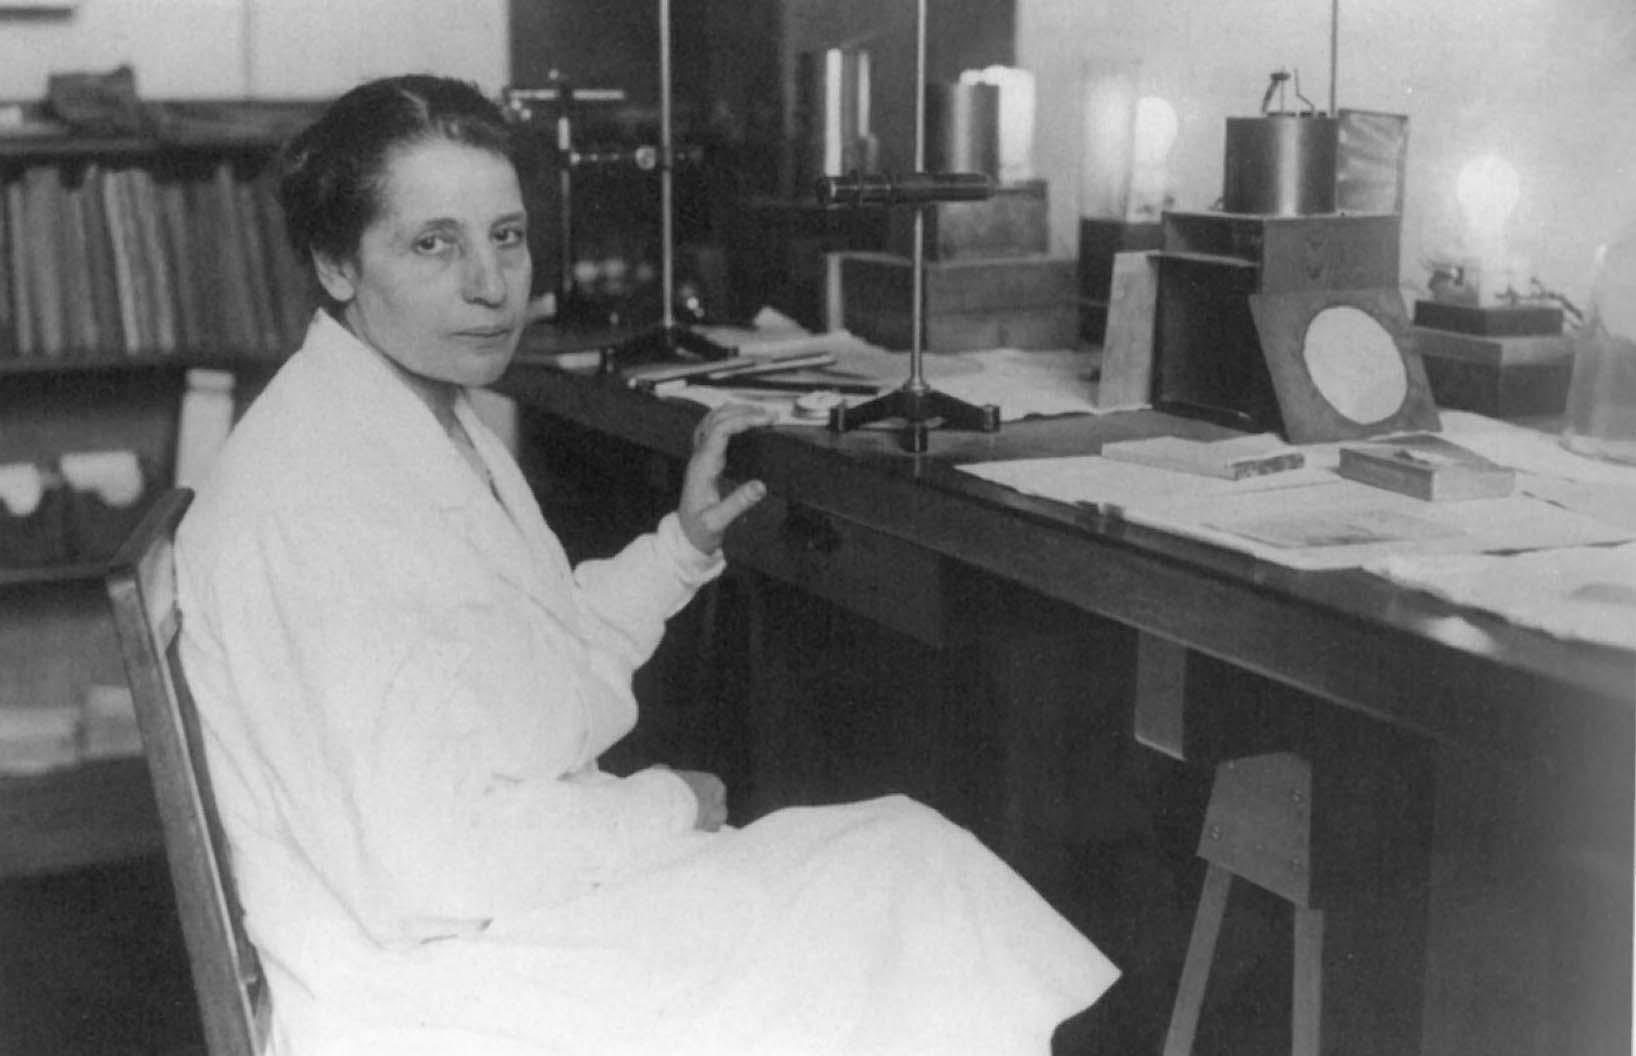 Foto von der Kernphysikerin Lise Meitner (1878-1968), in ihrem Labor im Kaiser- Wilhelm-Institut für Chemie, 1930er-Jahre.